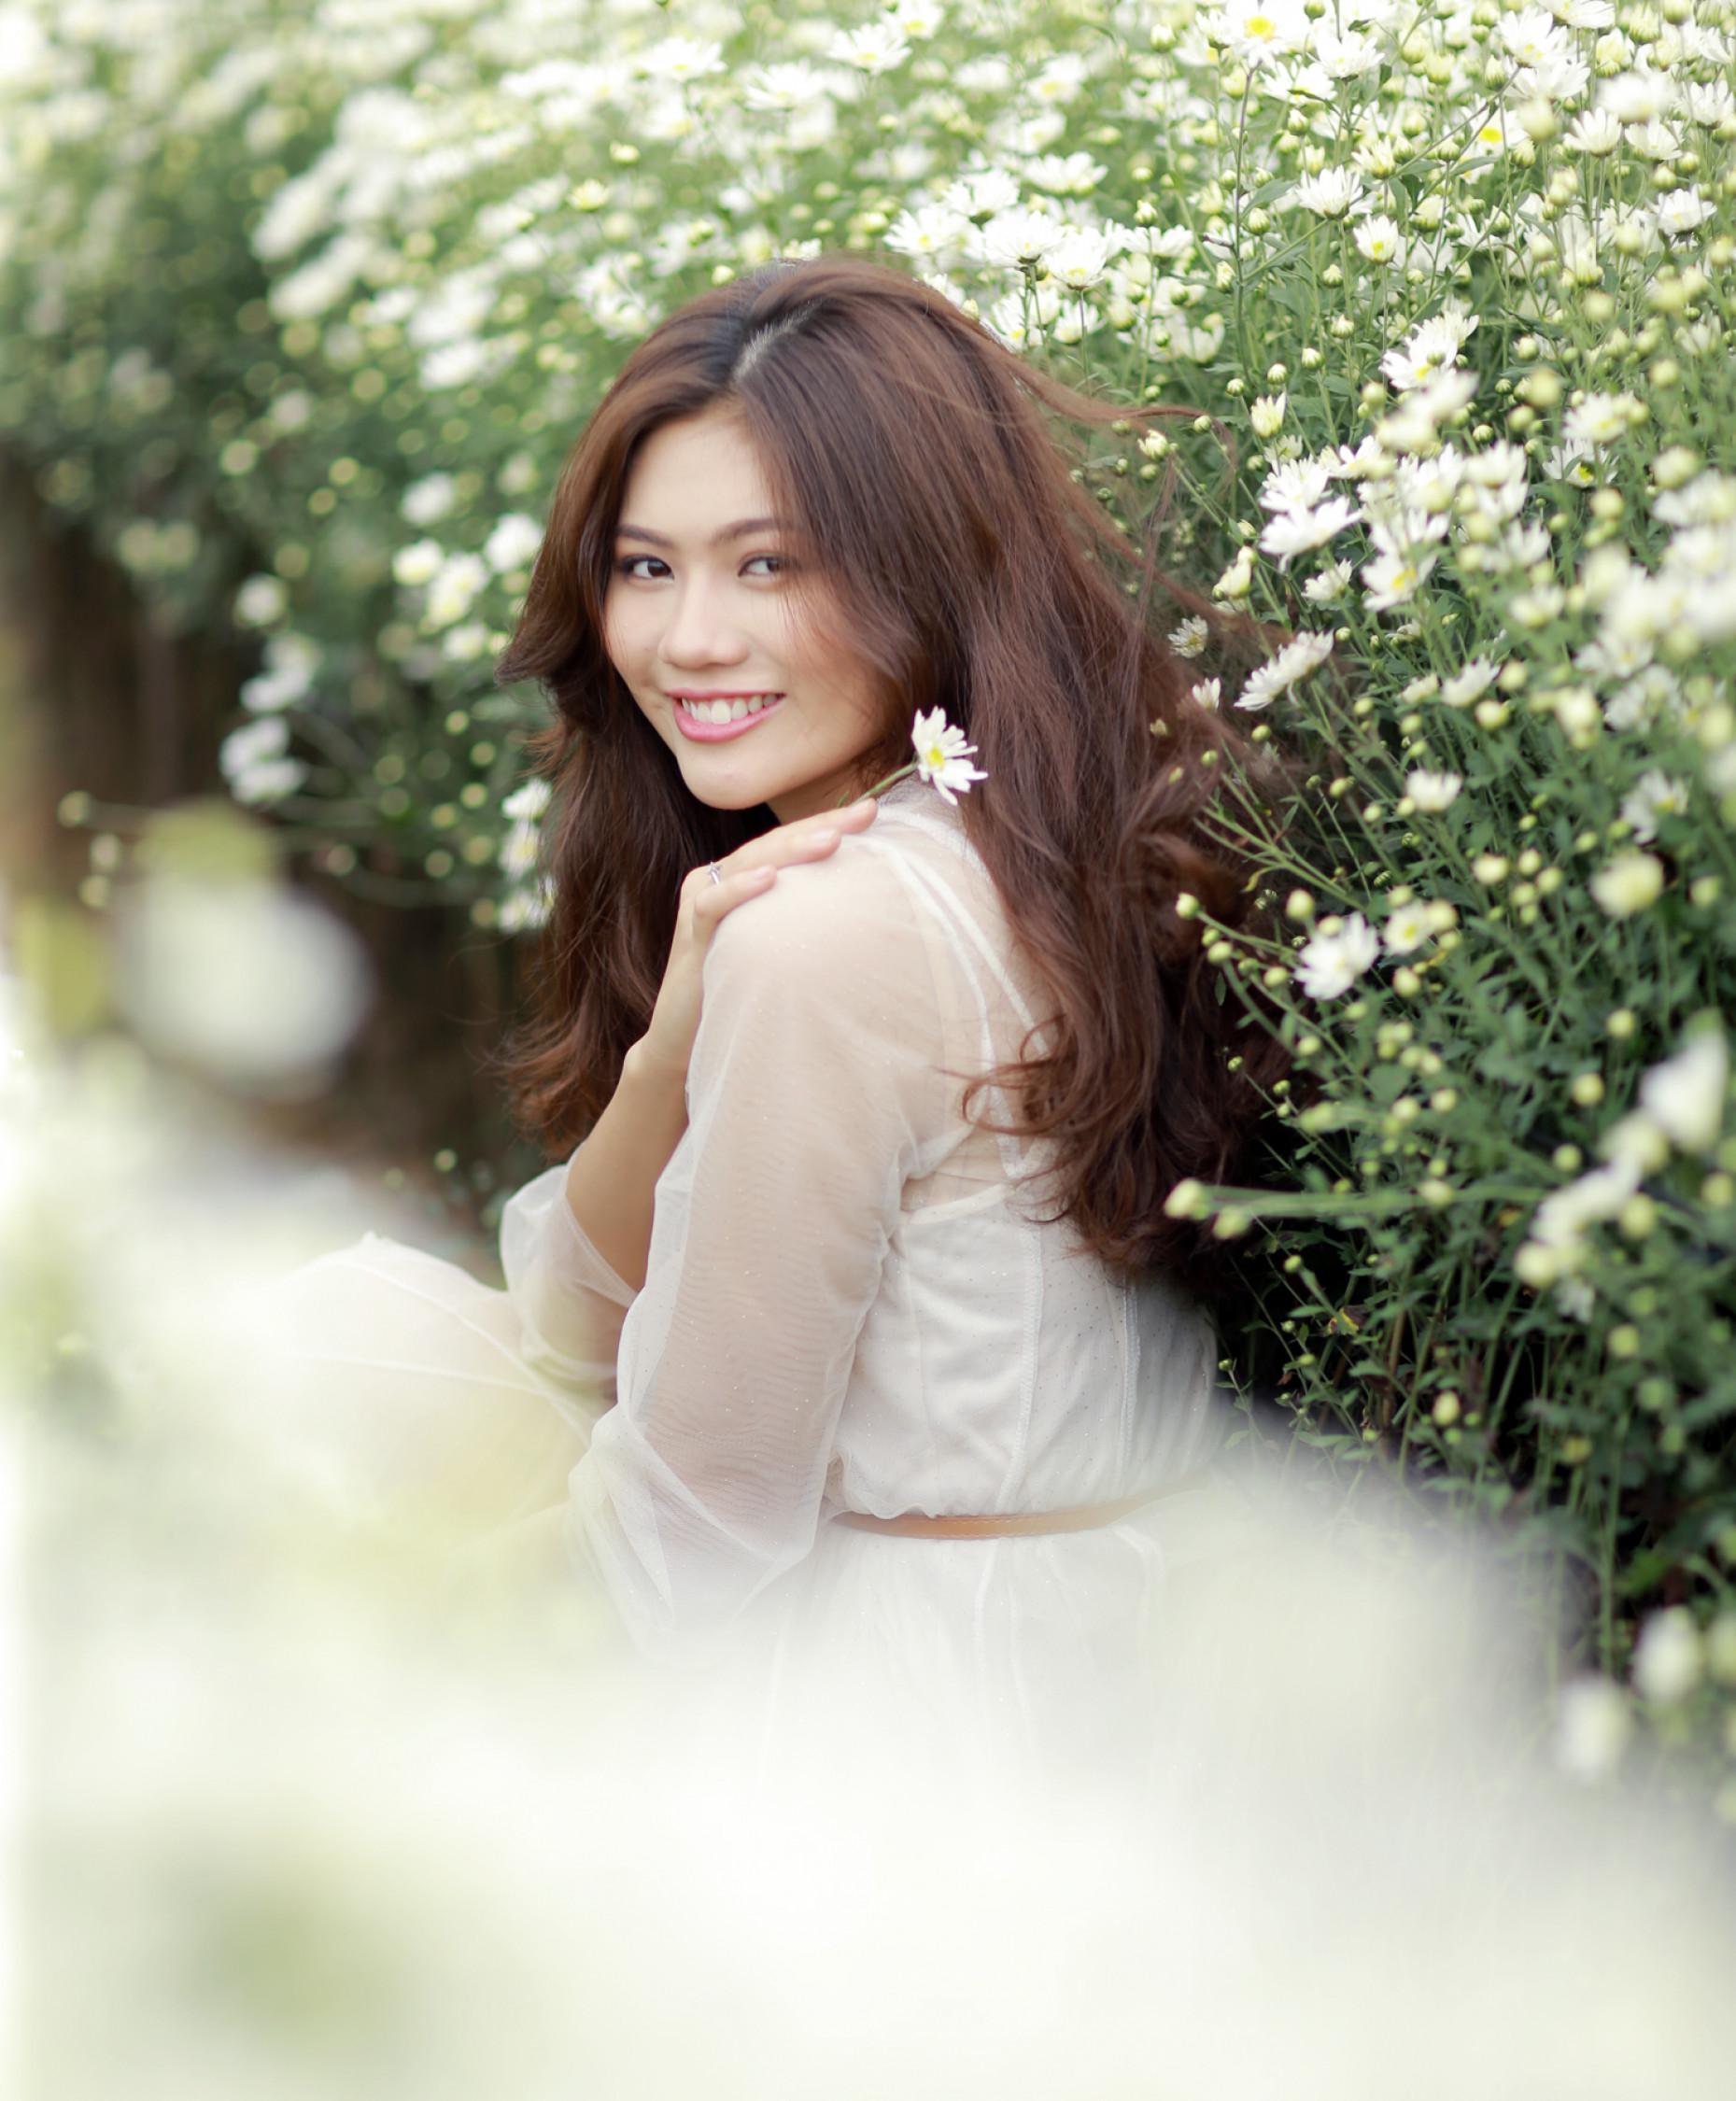 Sau 1 năm đăng quang Hoa khôi Miss Photo 2017, Vũ Hương Giang trưởng thành hơn. Cô đã làm Đại sứ Chương trình Mottainai